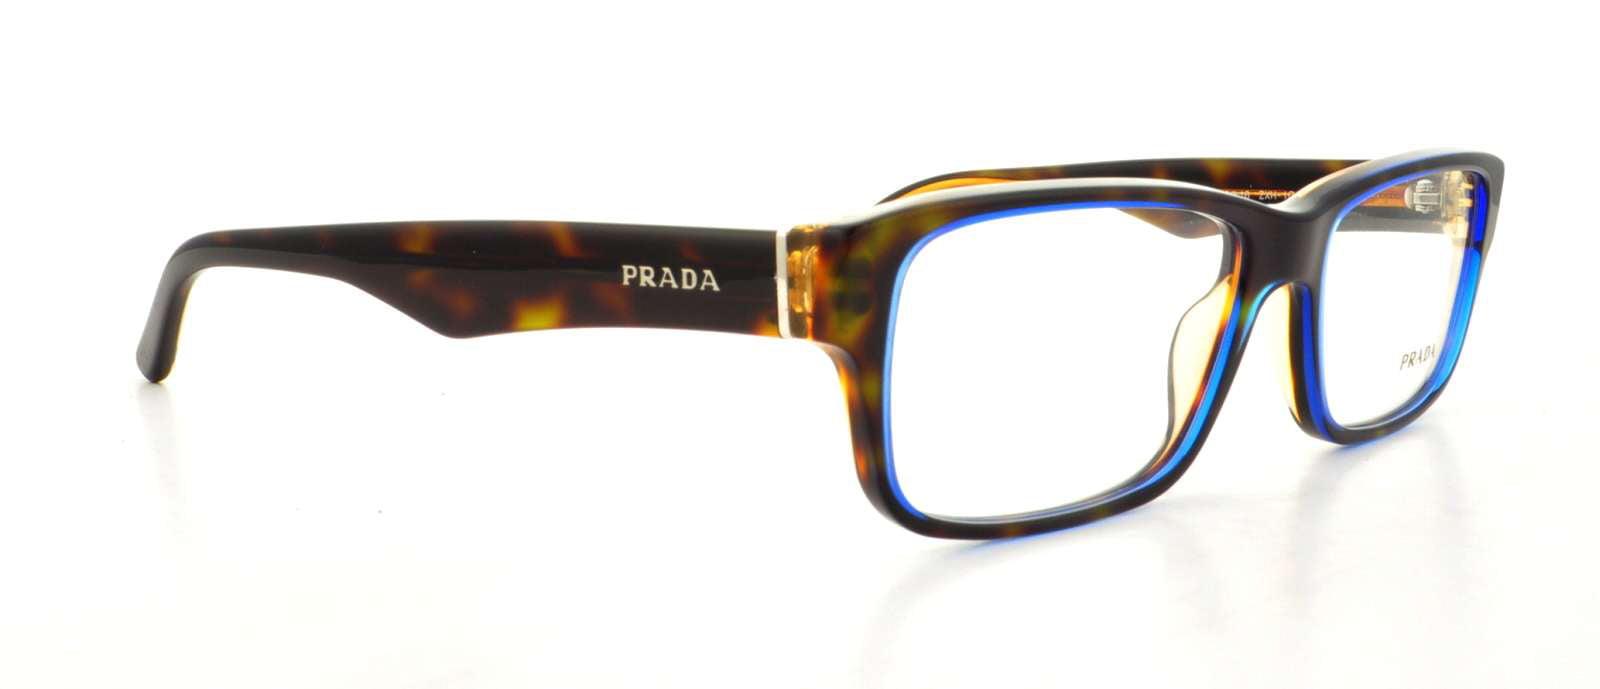 c4a6e645261a Prada 0PR 16MV Optical Full Rim Rectangle Unisex Eyeglasses - Size 53  (Denim   Clear Lens) - Walmart.com